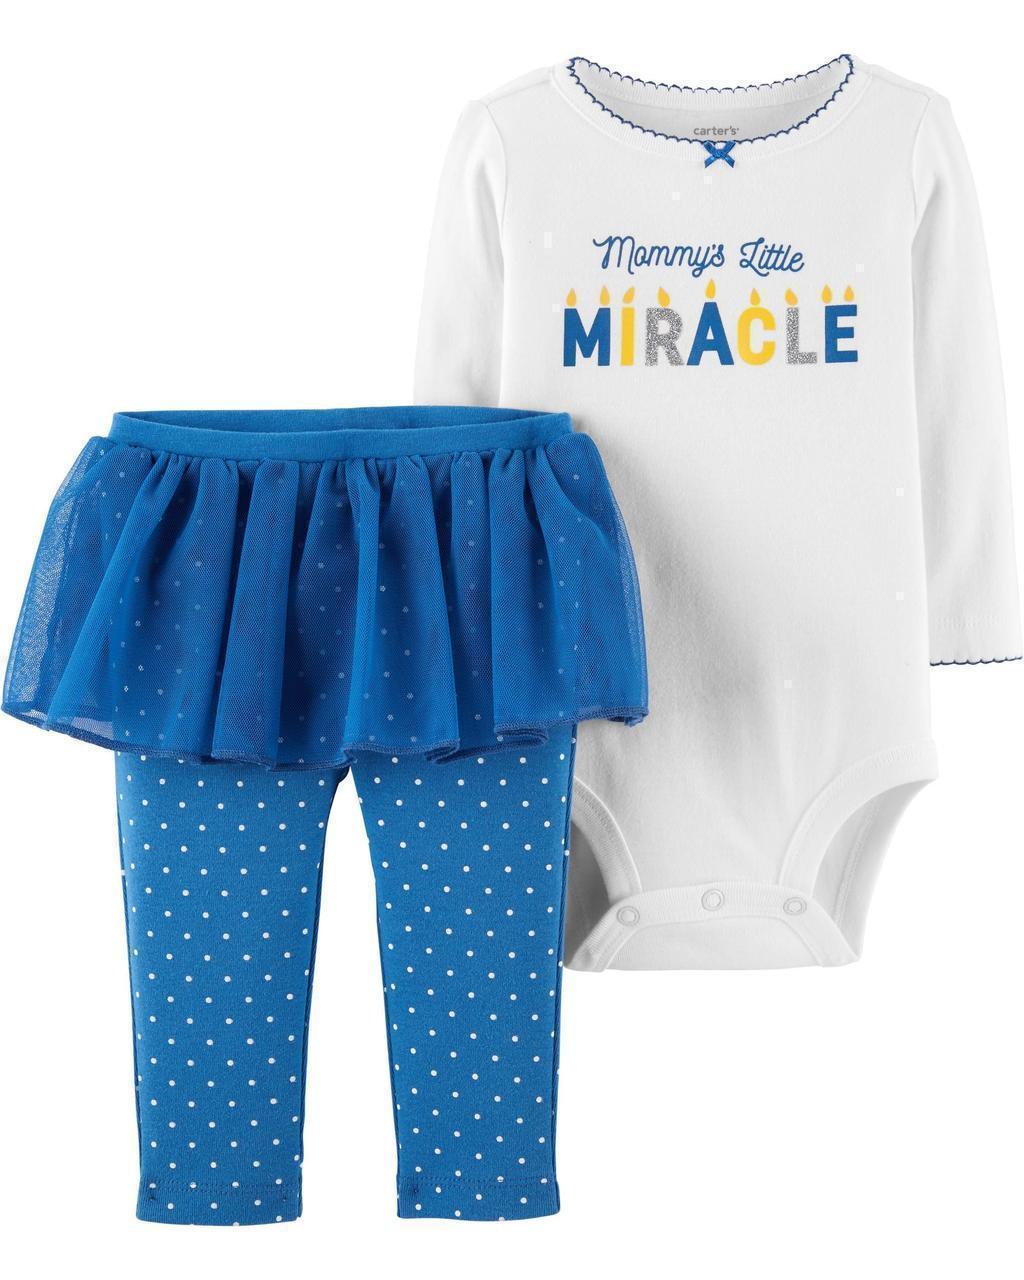 Боди + Штаны с юбкой Carters для новорожденной девочки 46-55 см. Комплект двойка